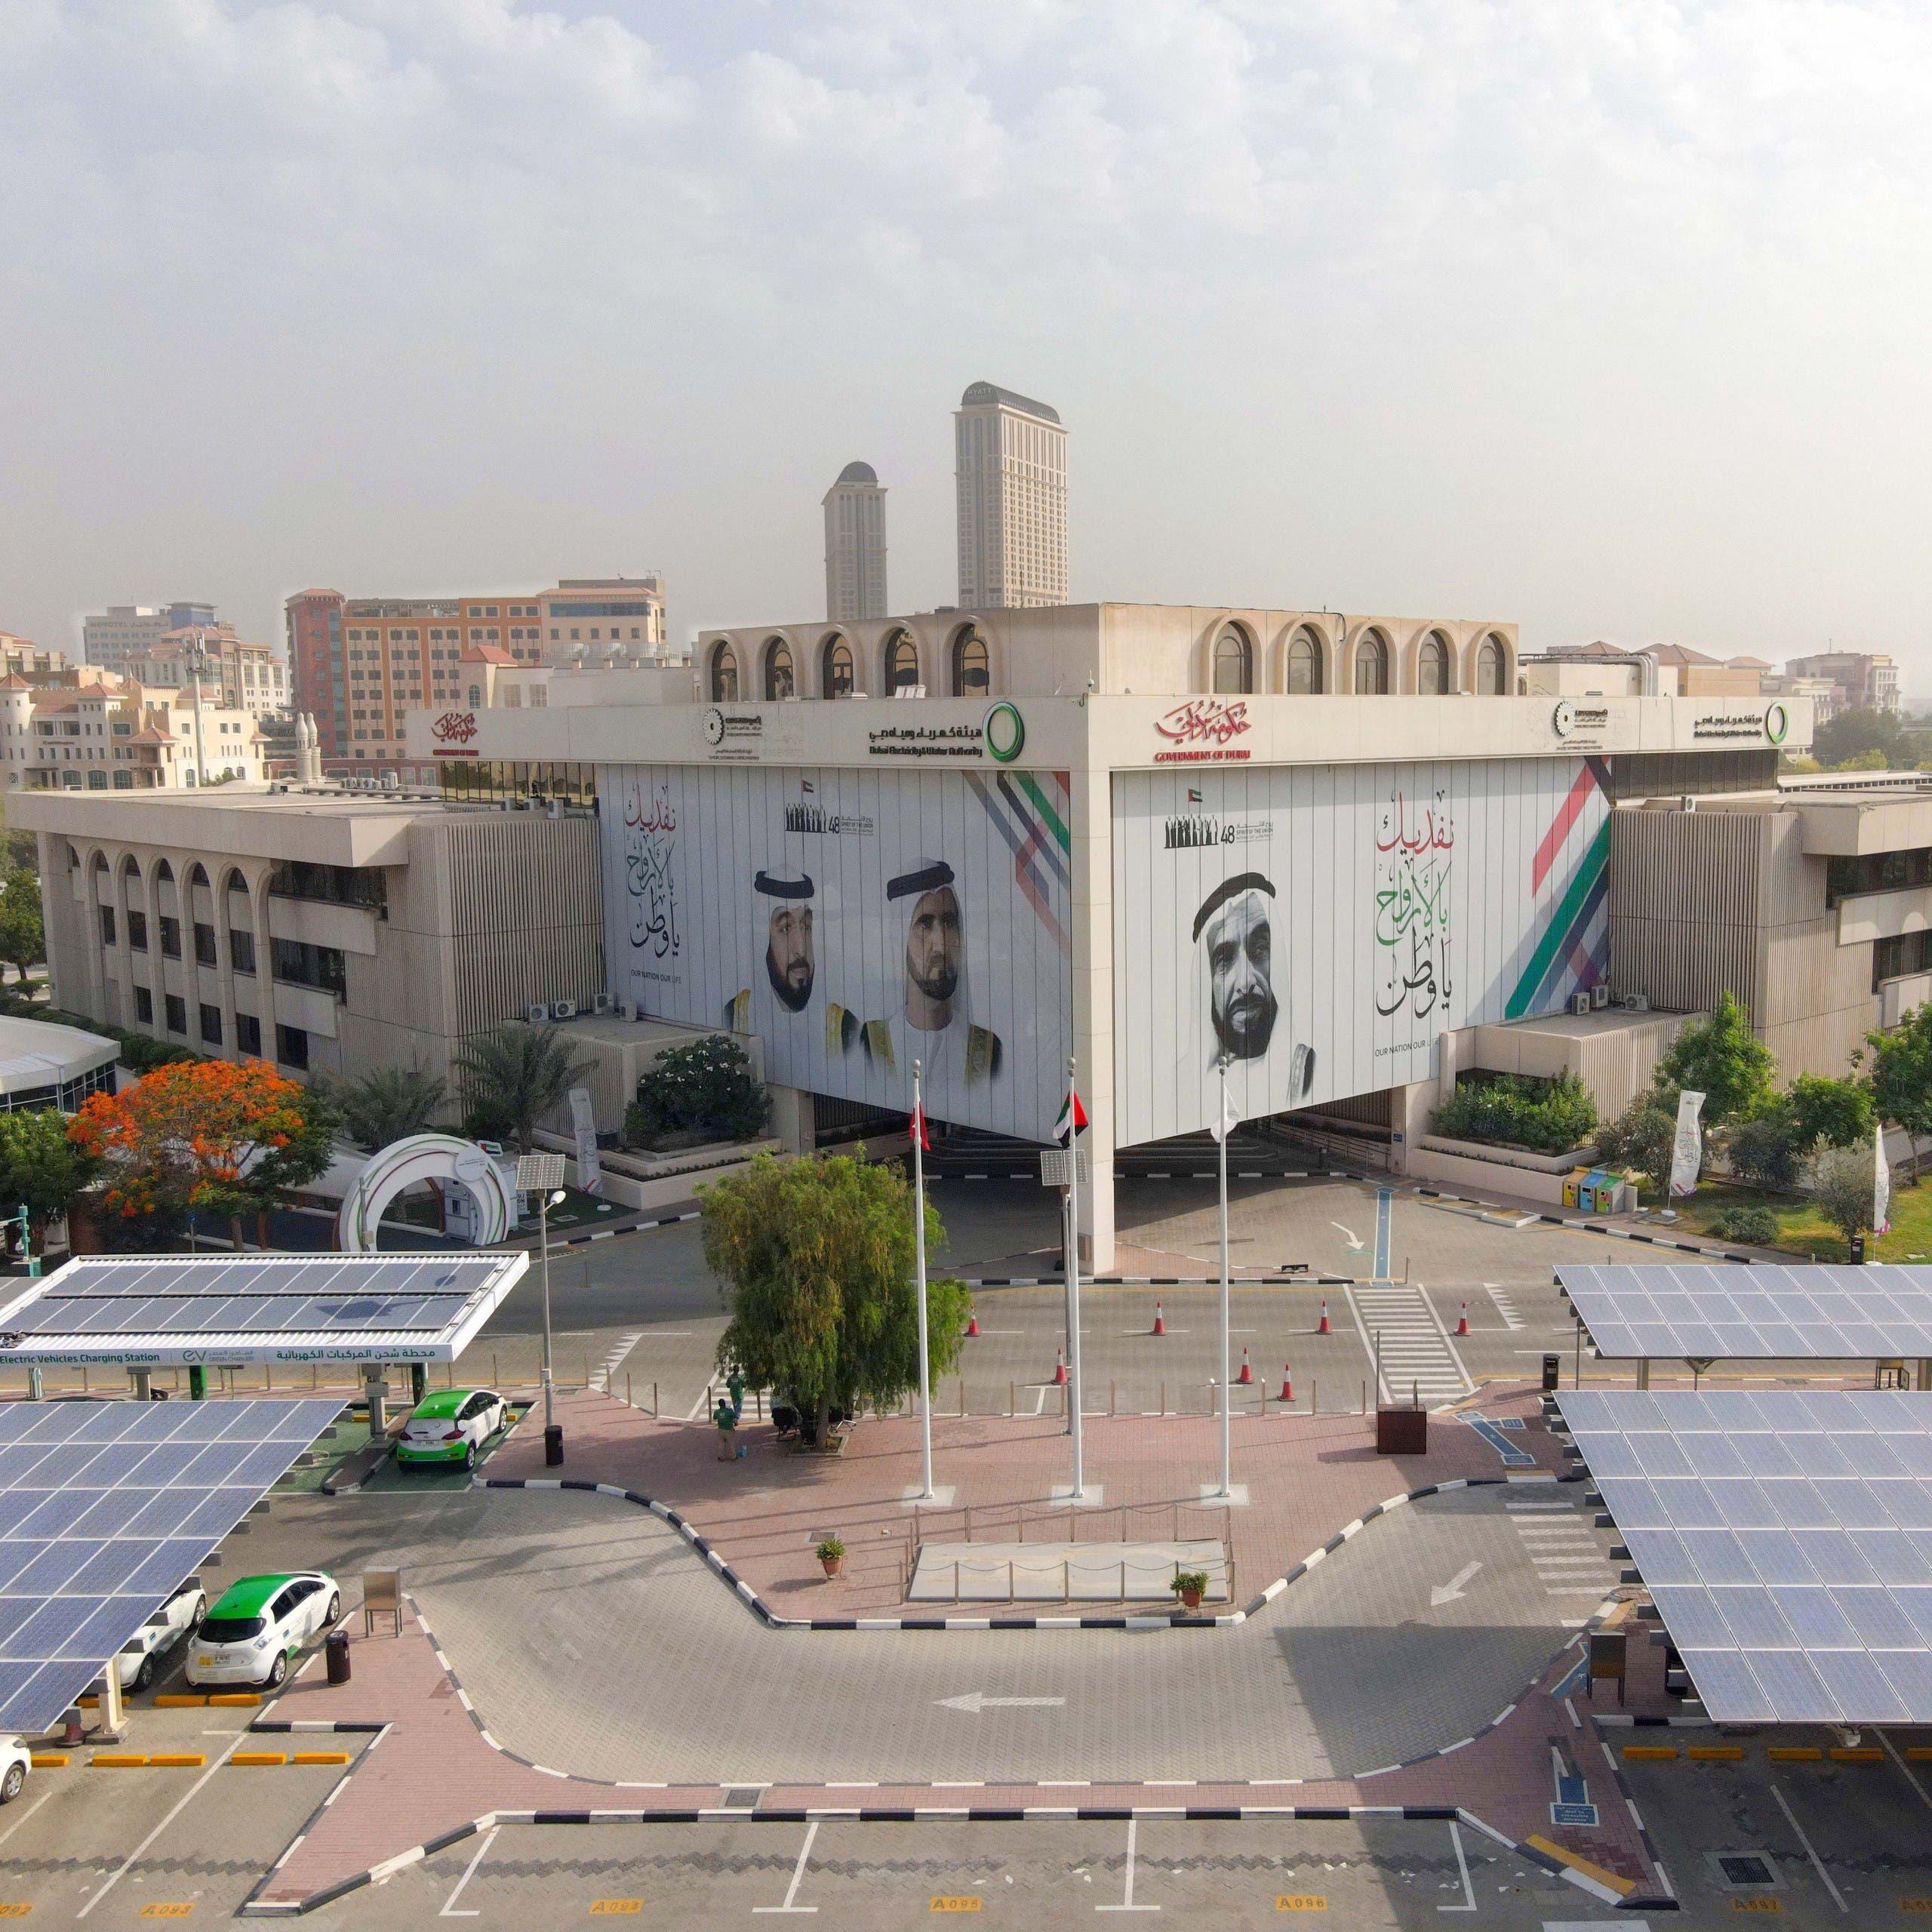 حكومة دبي تصدر اللائحة التنفيذية لقانون النظام المالي.. وهذه الشروط